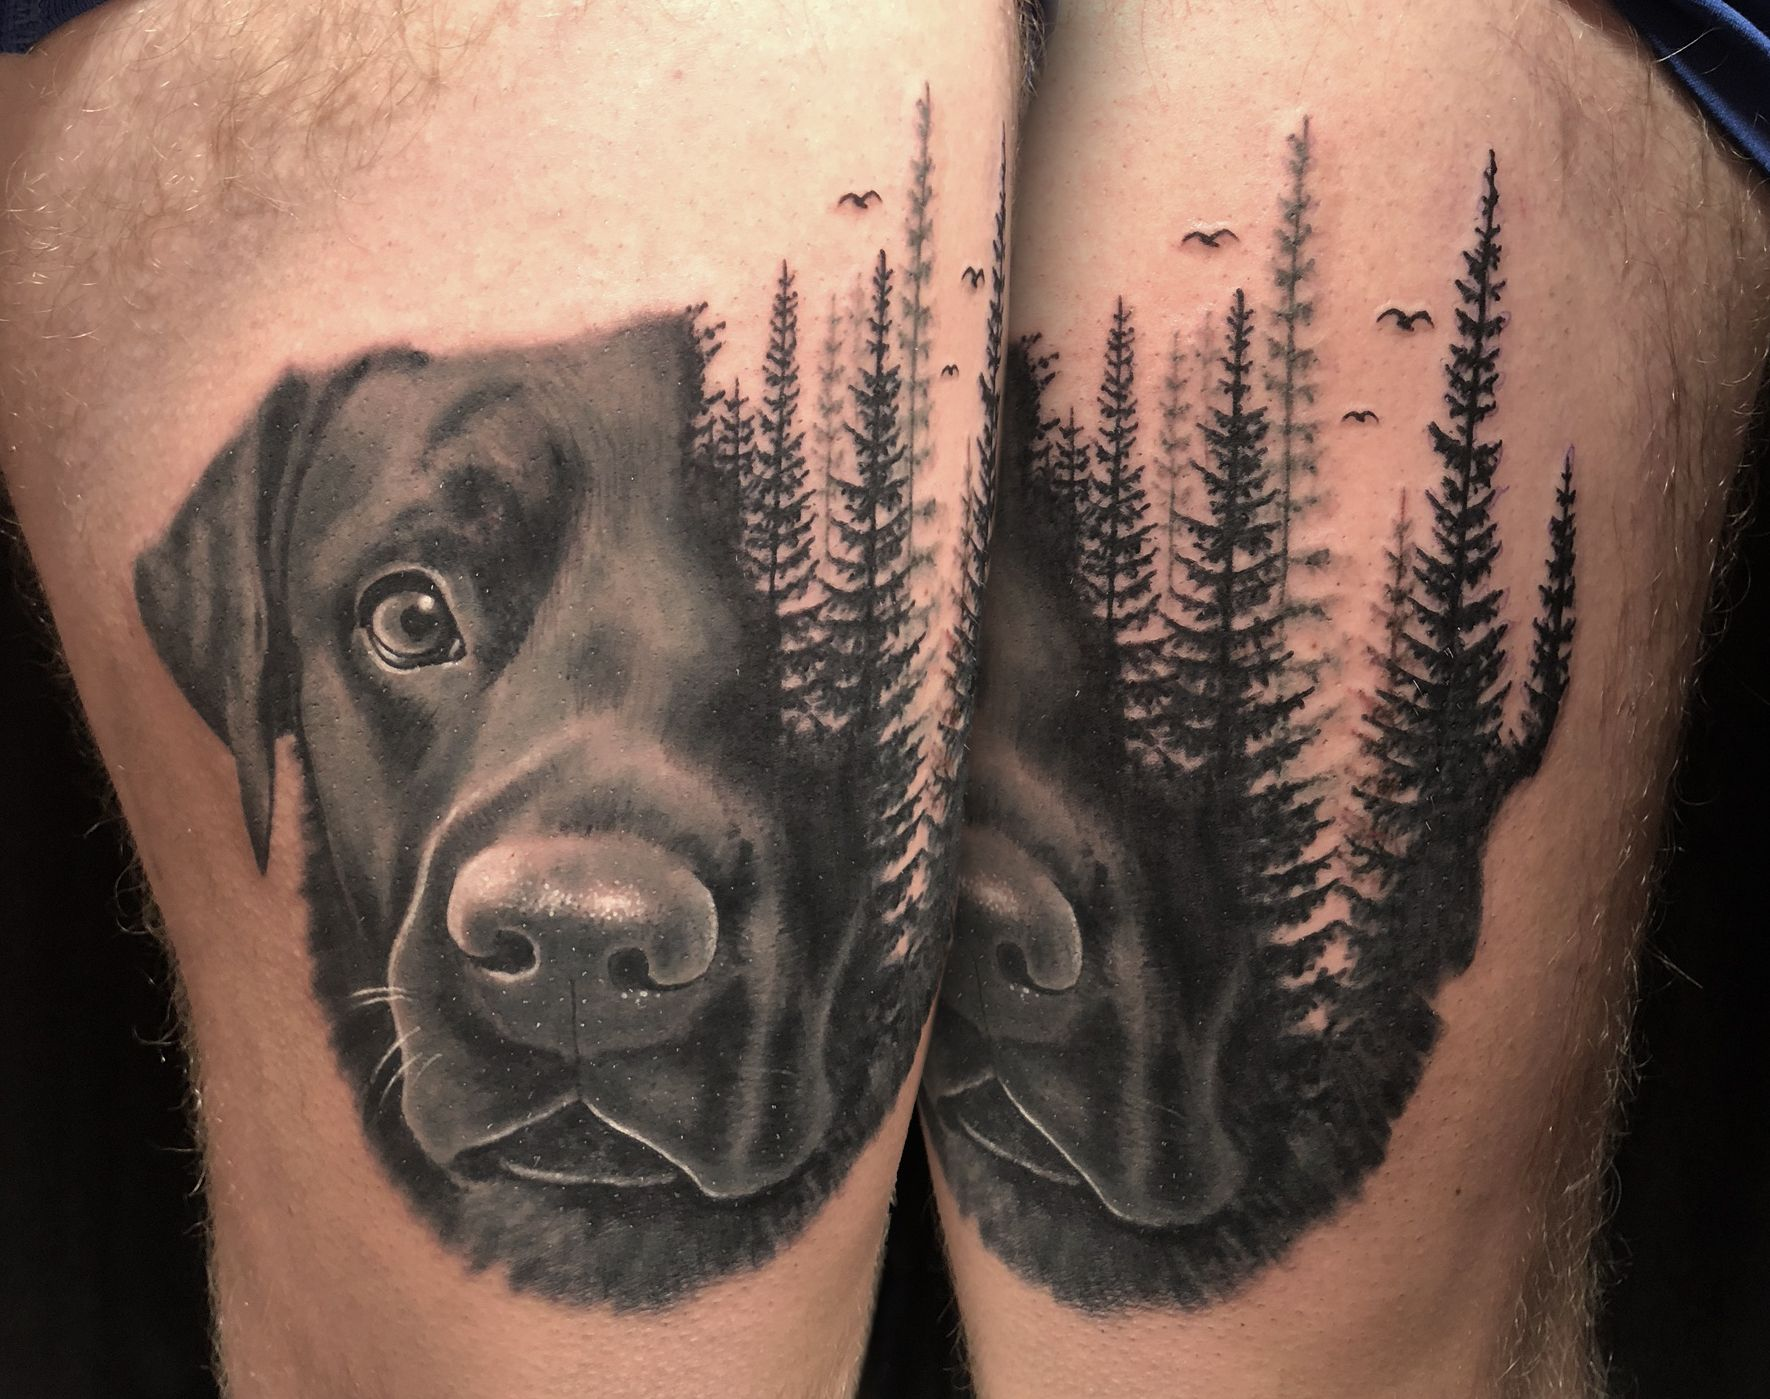 Westend Tattoo Westendtattooandpiercing Tattoo Dog Love Dog Face Tattoo Tree Tattoo Realistic Tat Dog Portrait Tattoo Dog Tattoos Tattoos For Dog Lovers